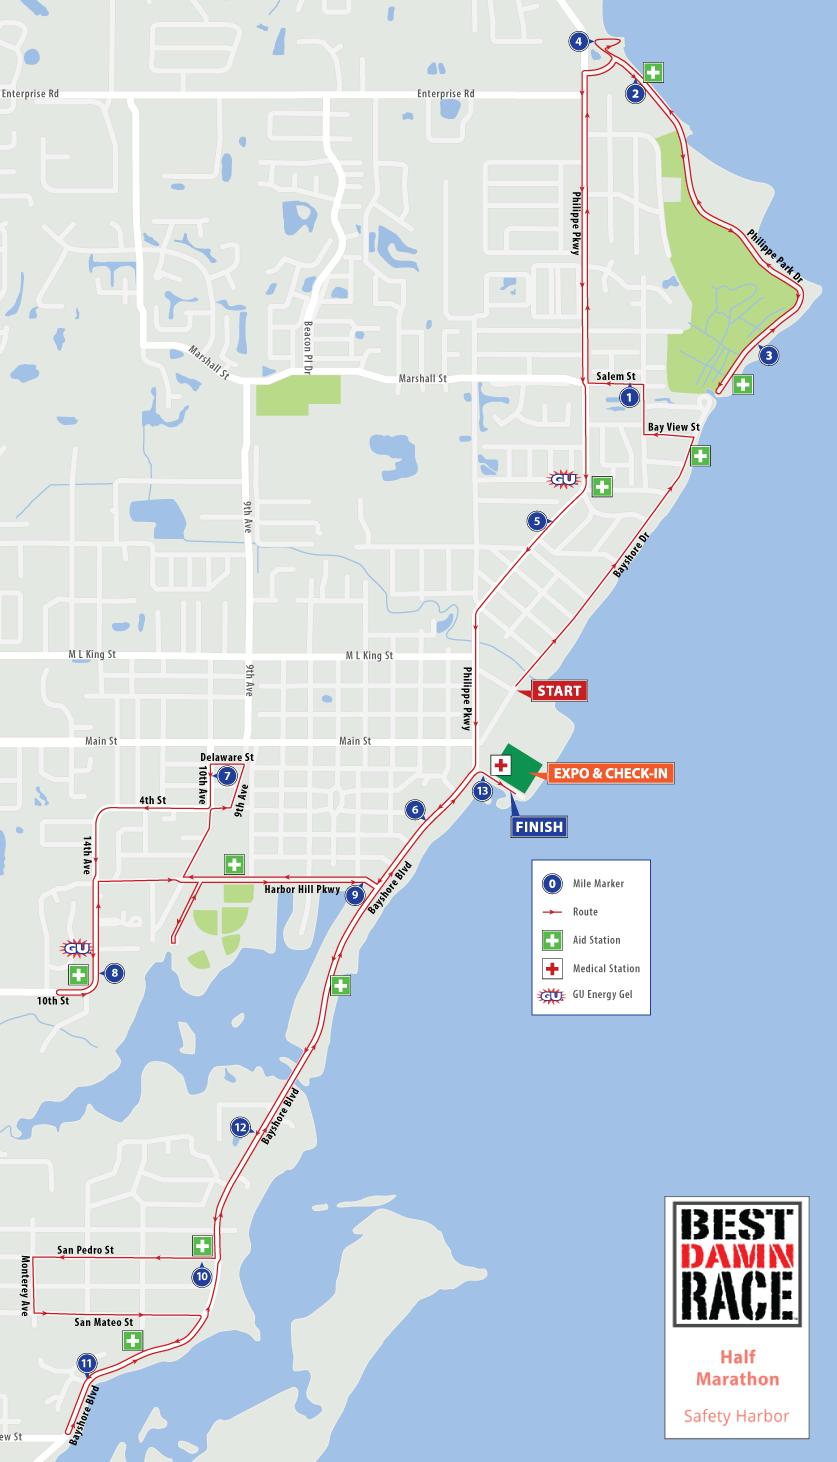 Safety Harbor, FL - Best Damn Race - Half Marathon Map 2018